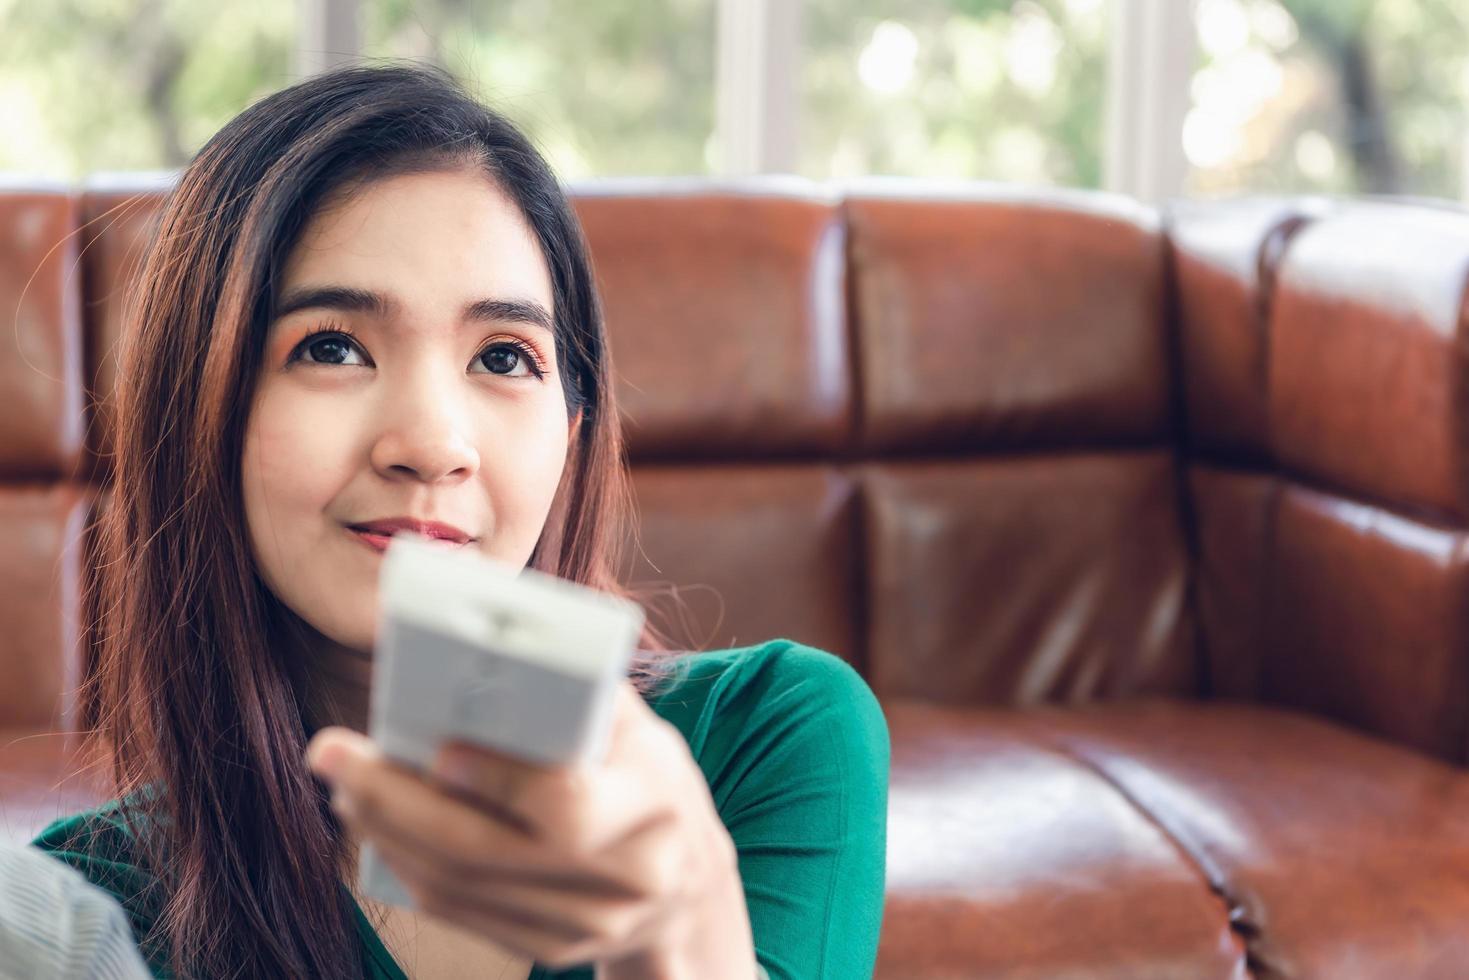 junge asiatische Frau zu Hause gesehen, die elektrische Klimaanlage steuert foto